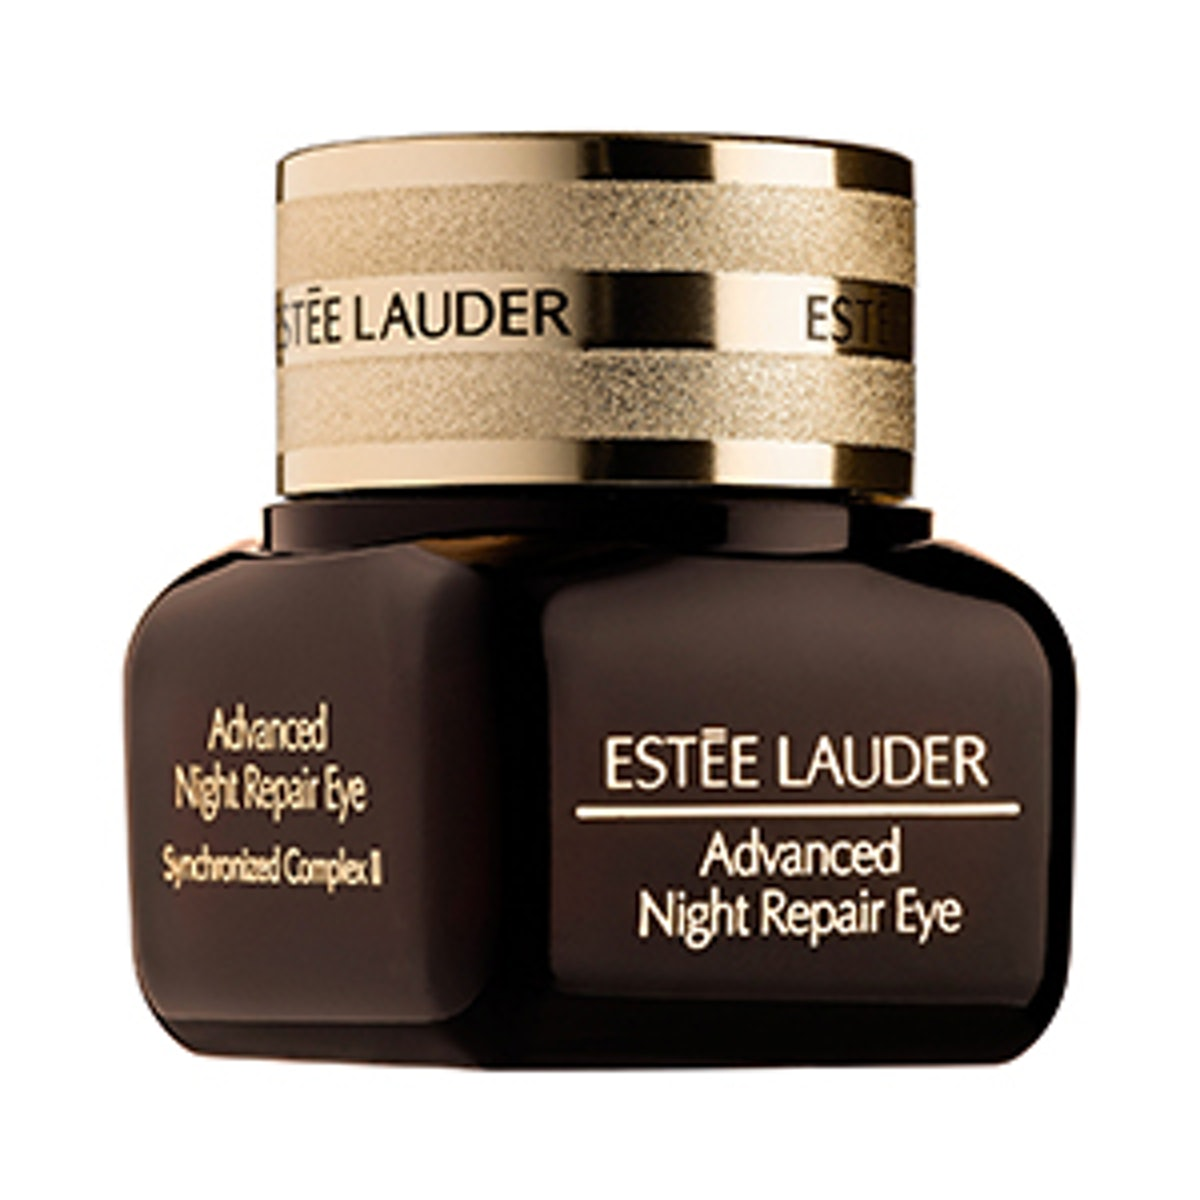 Advanced Night Repair Eye Synchronized Complex II